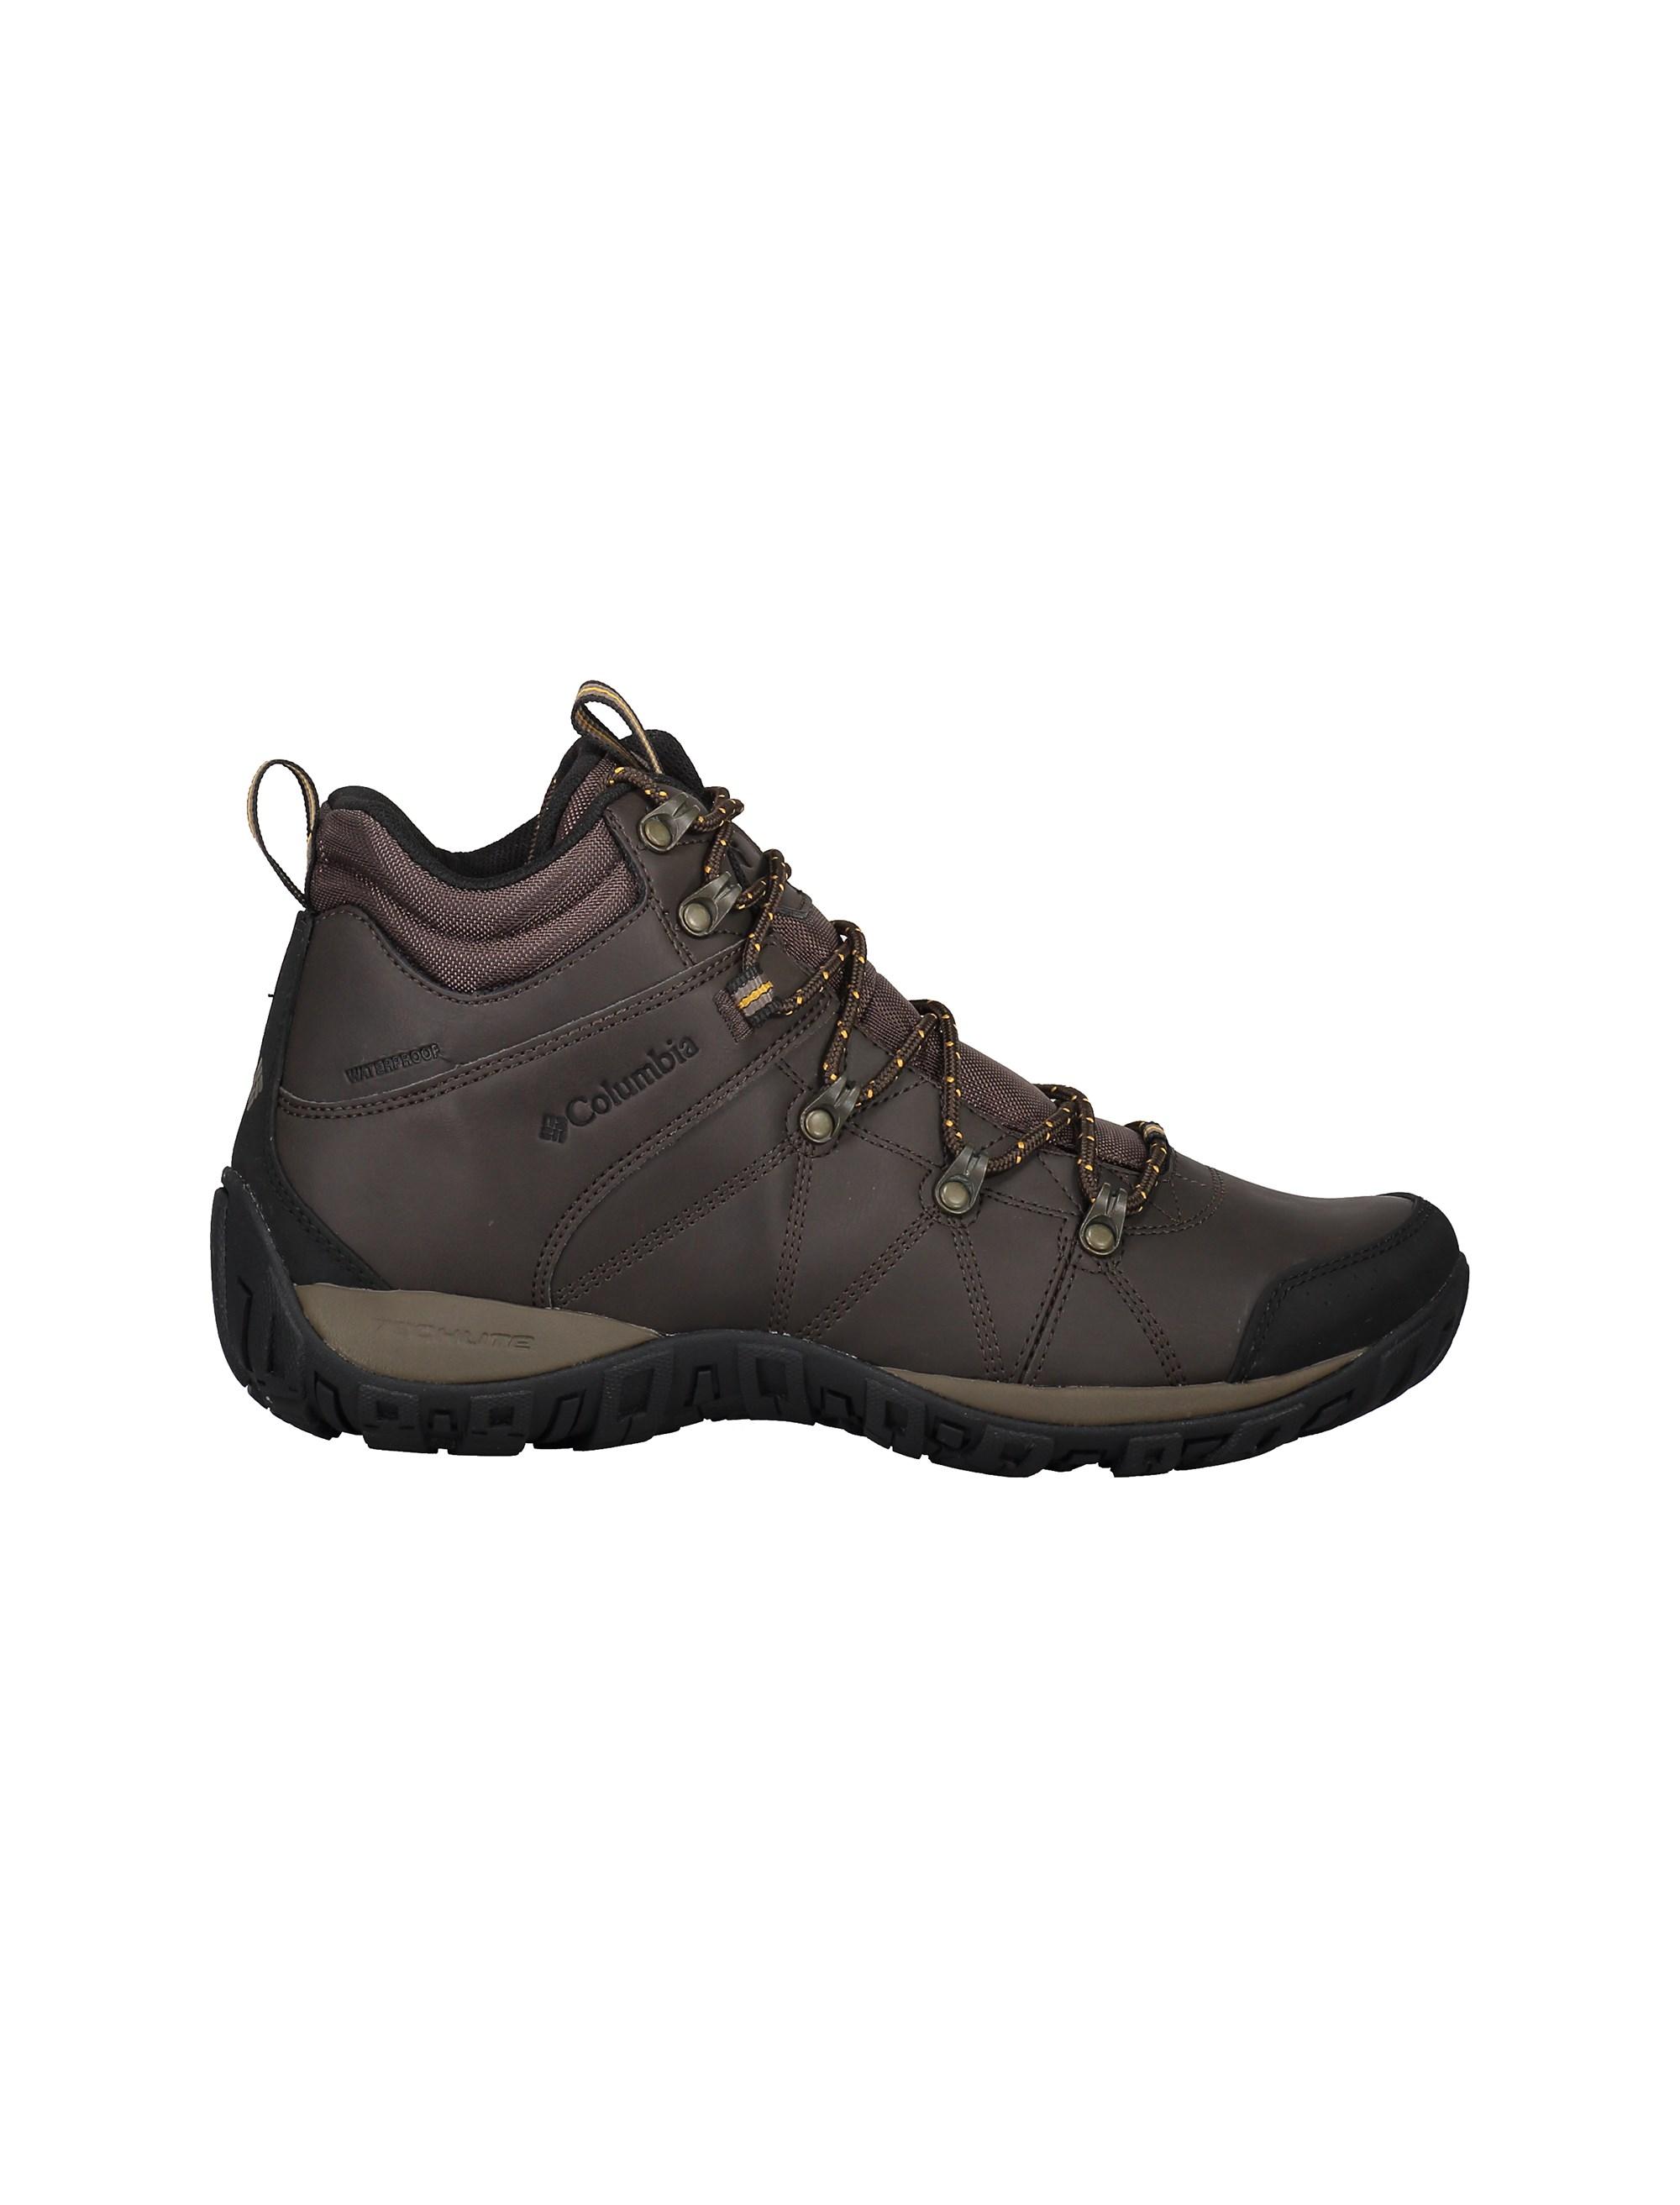 کفش کوهنوردی بندی مردانه Peakfreak Venture Mid Waterproof -  - 1